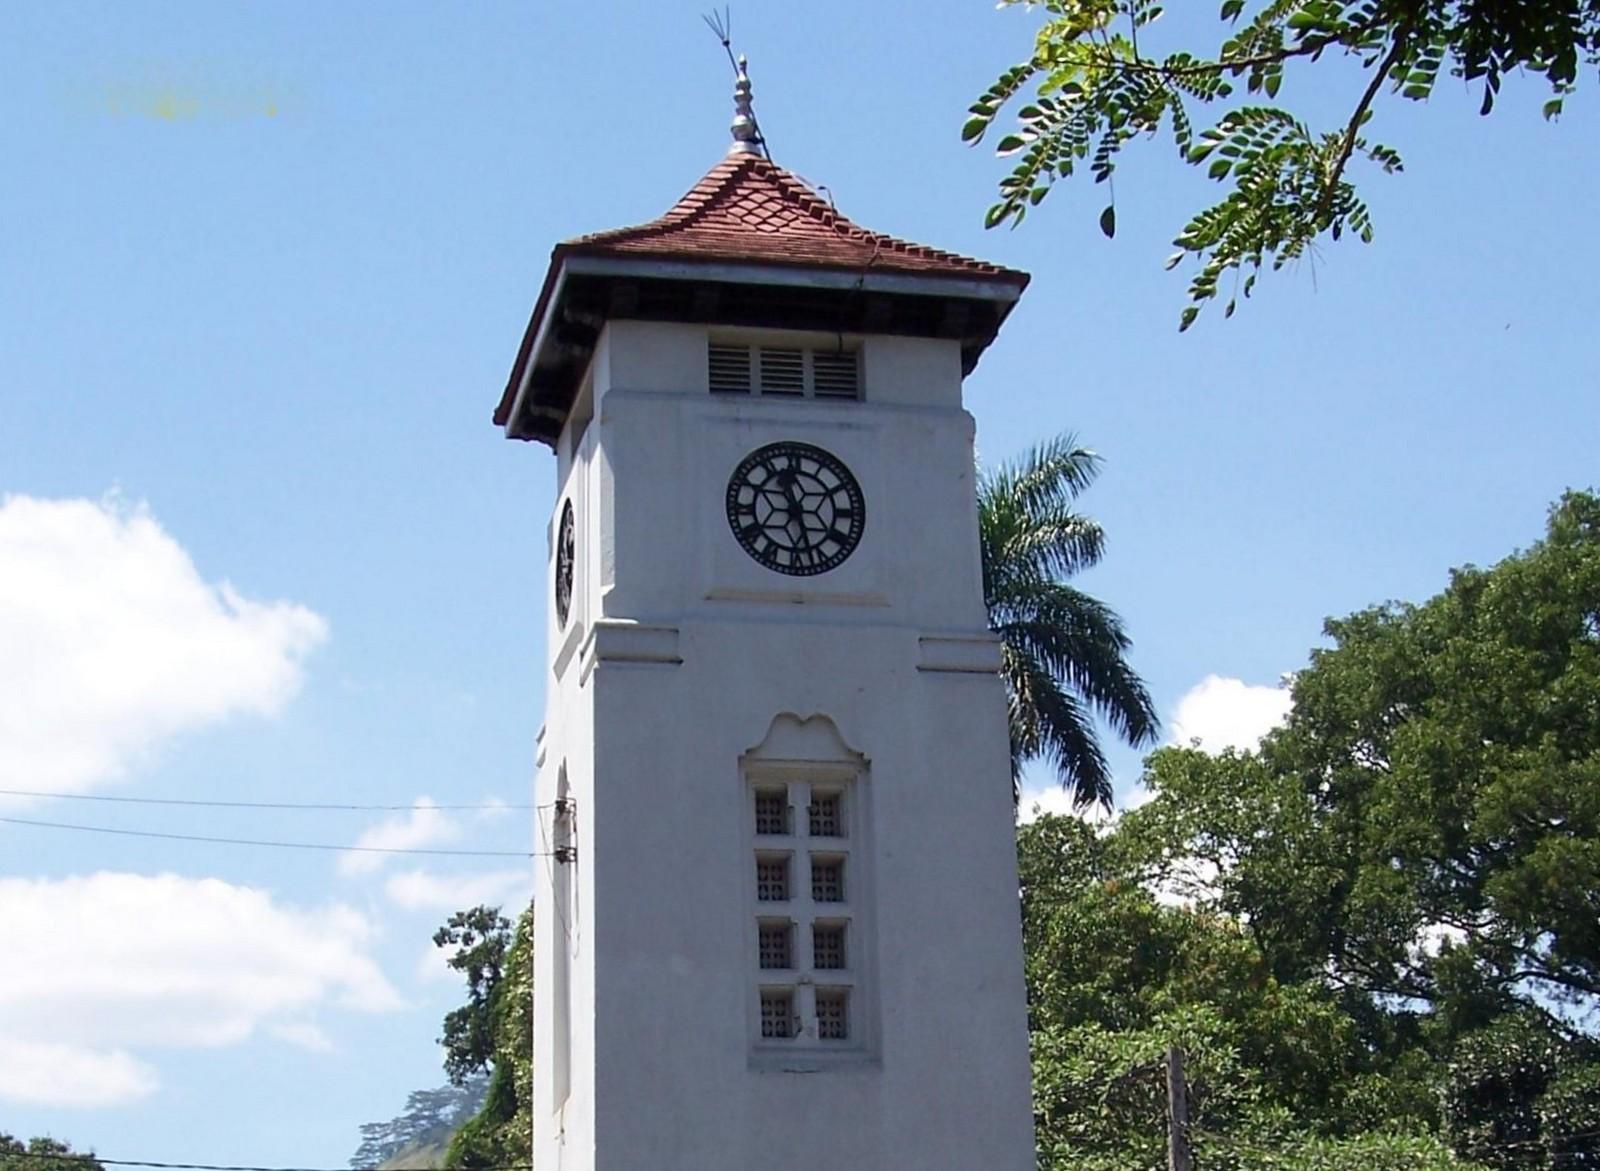 Uhrturm von Badulla - Ceylon